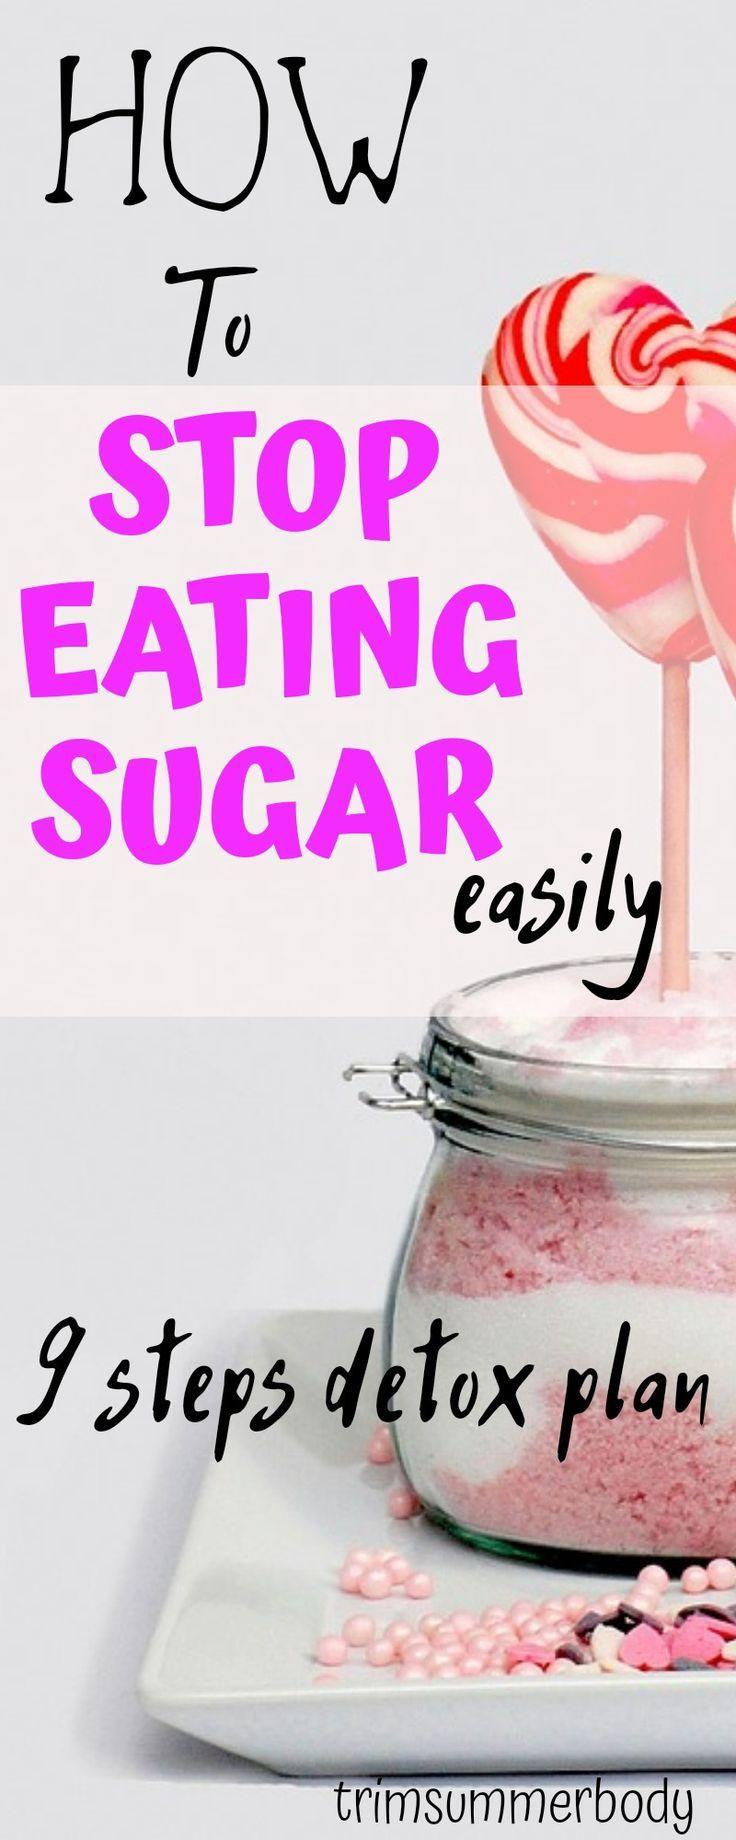 Stoppen Sie mit diesem Entgiftungsplan die Zuckersucht und hören Sie auf, Zucker zu essen